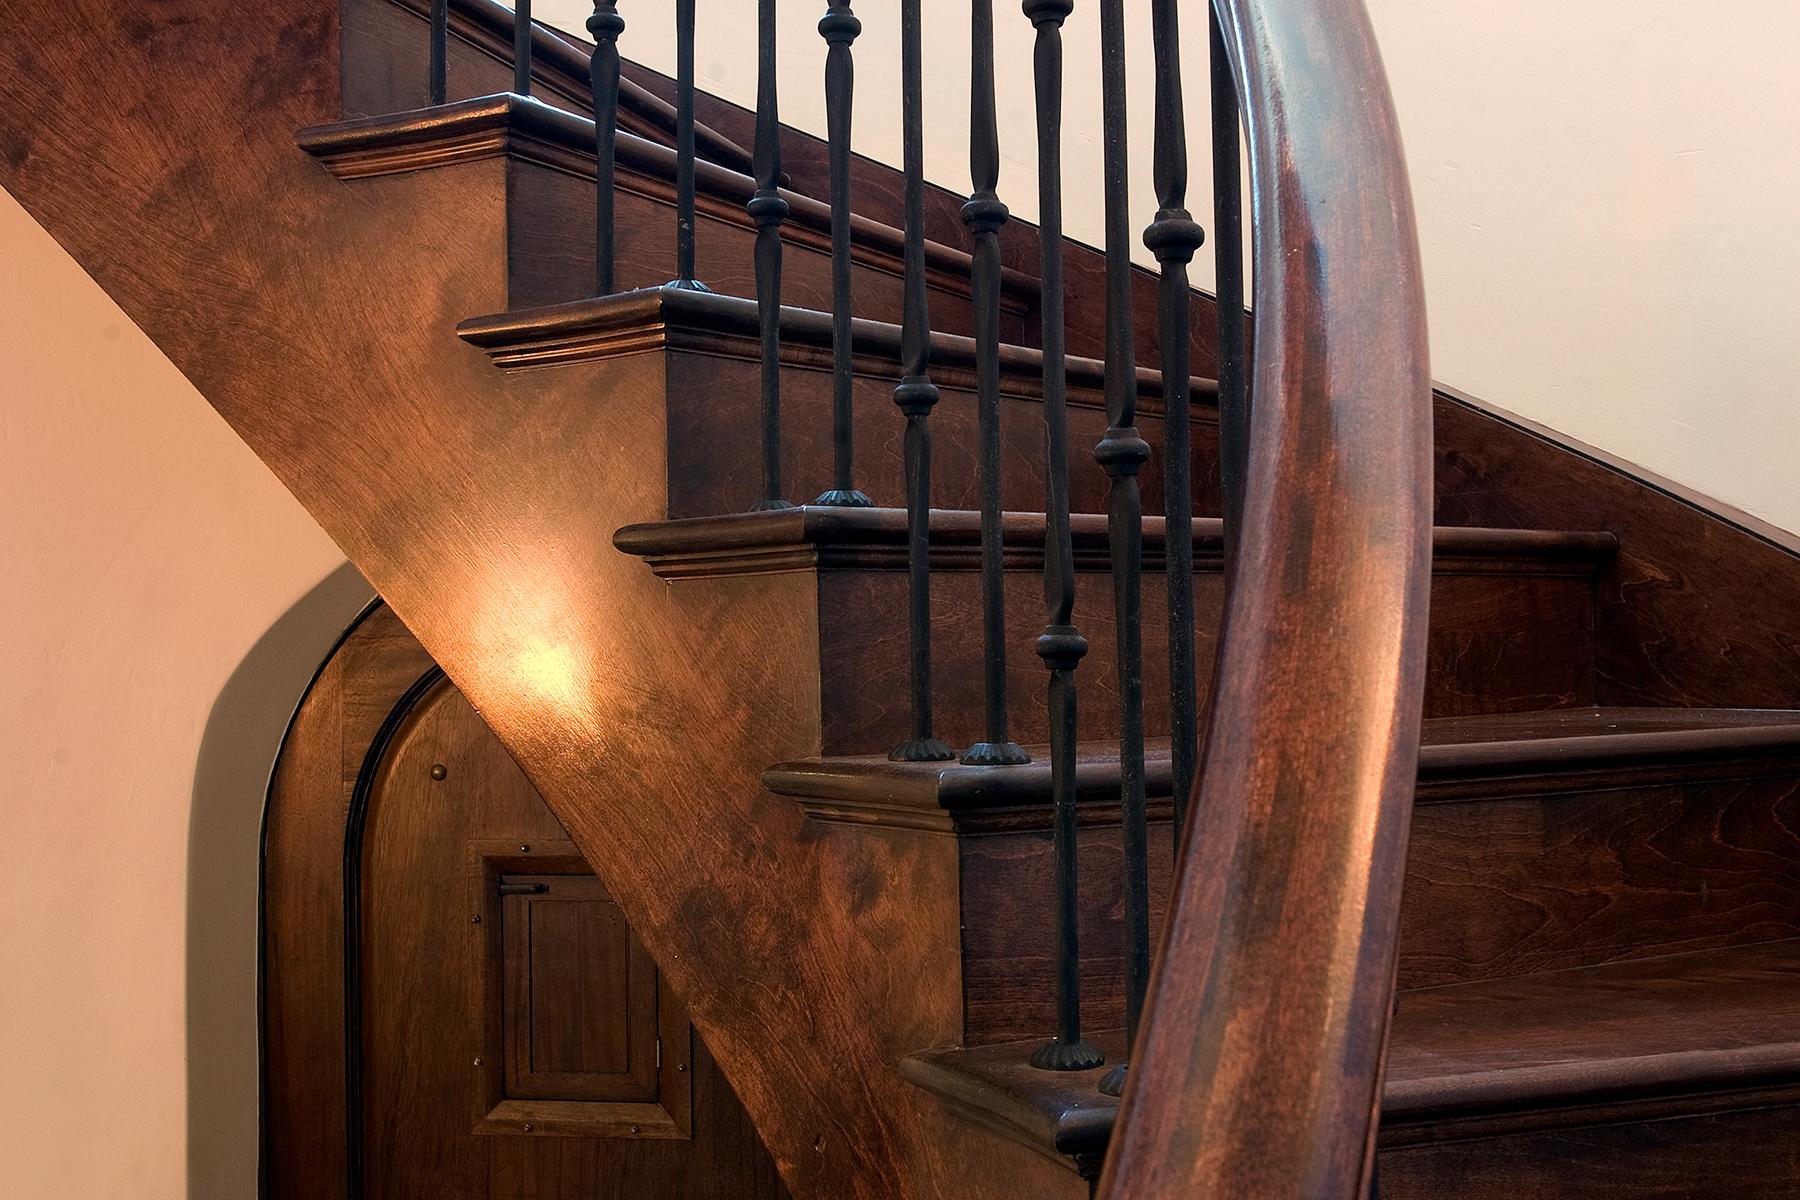 Kimball-Hall-Architecture-StairwayDetail_01.jpg